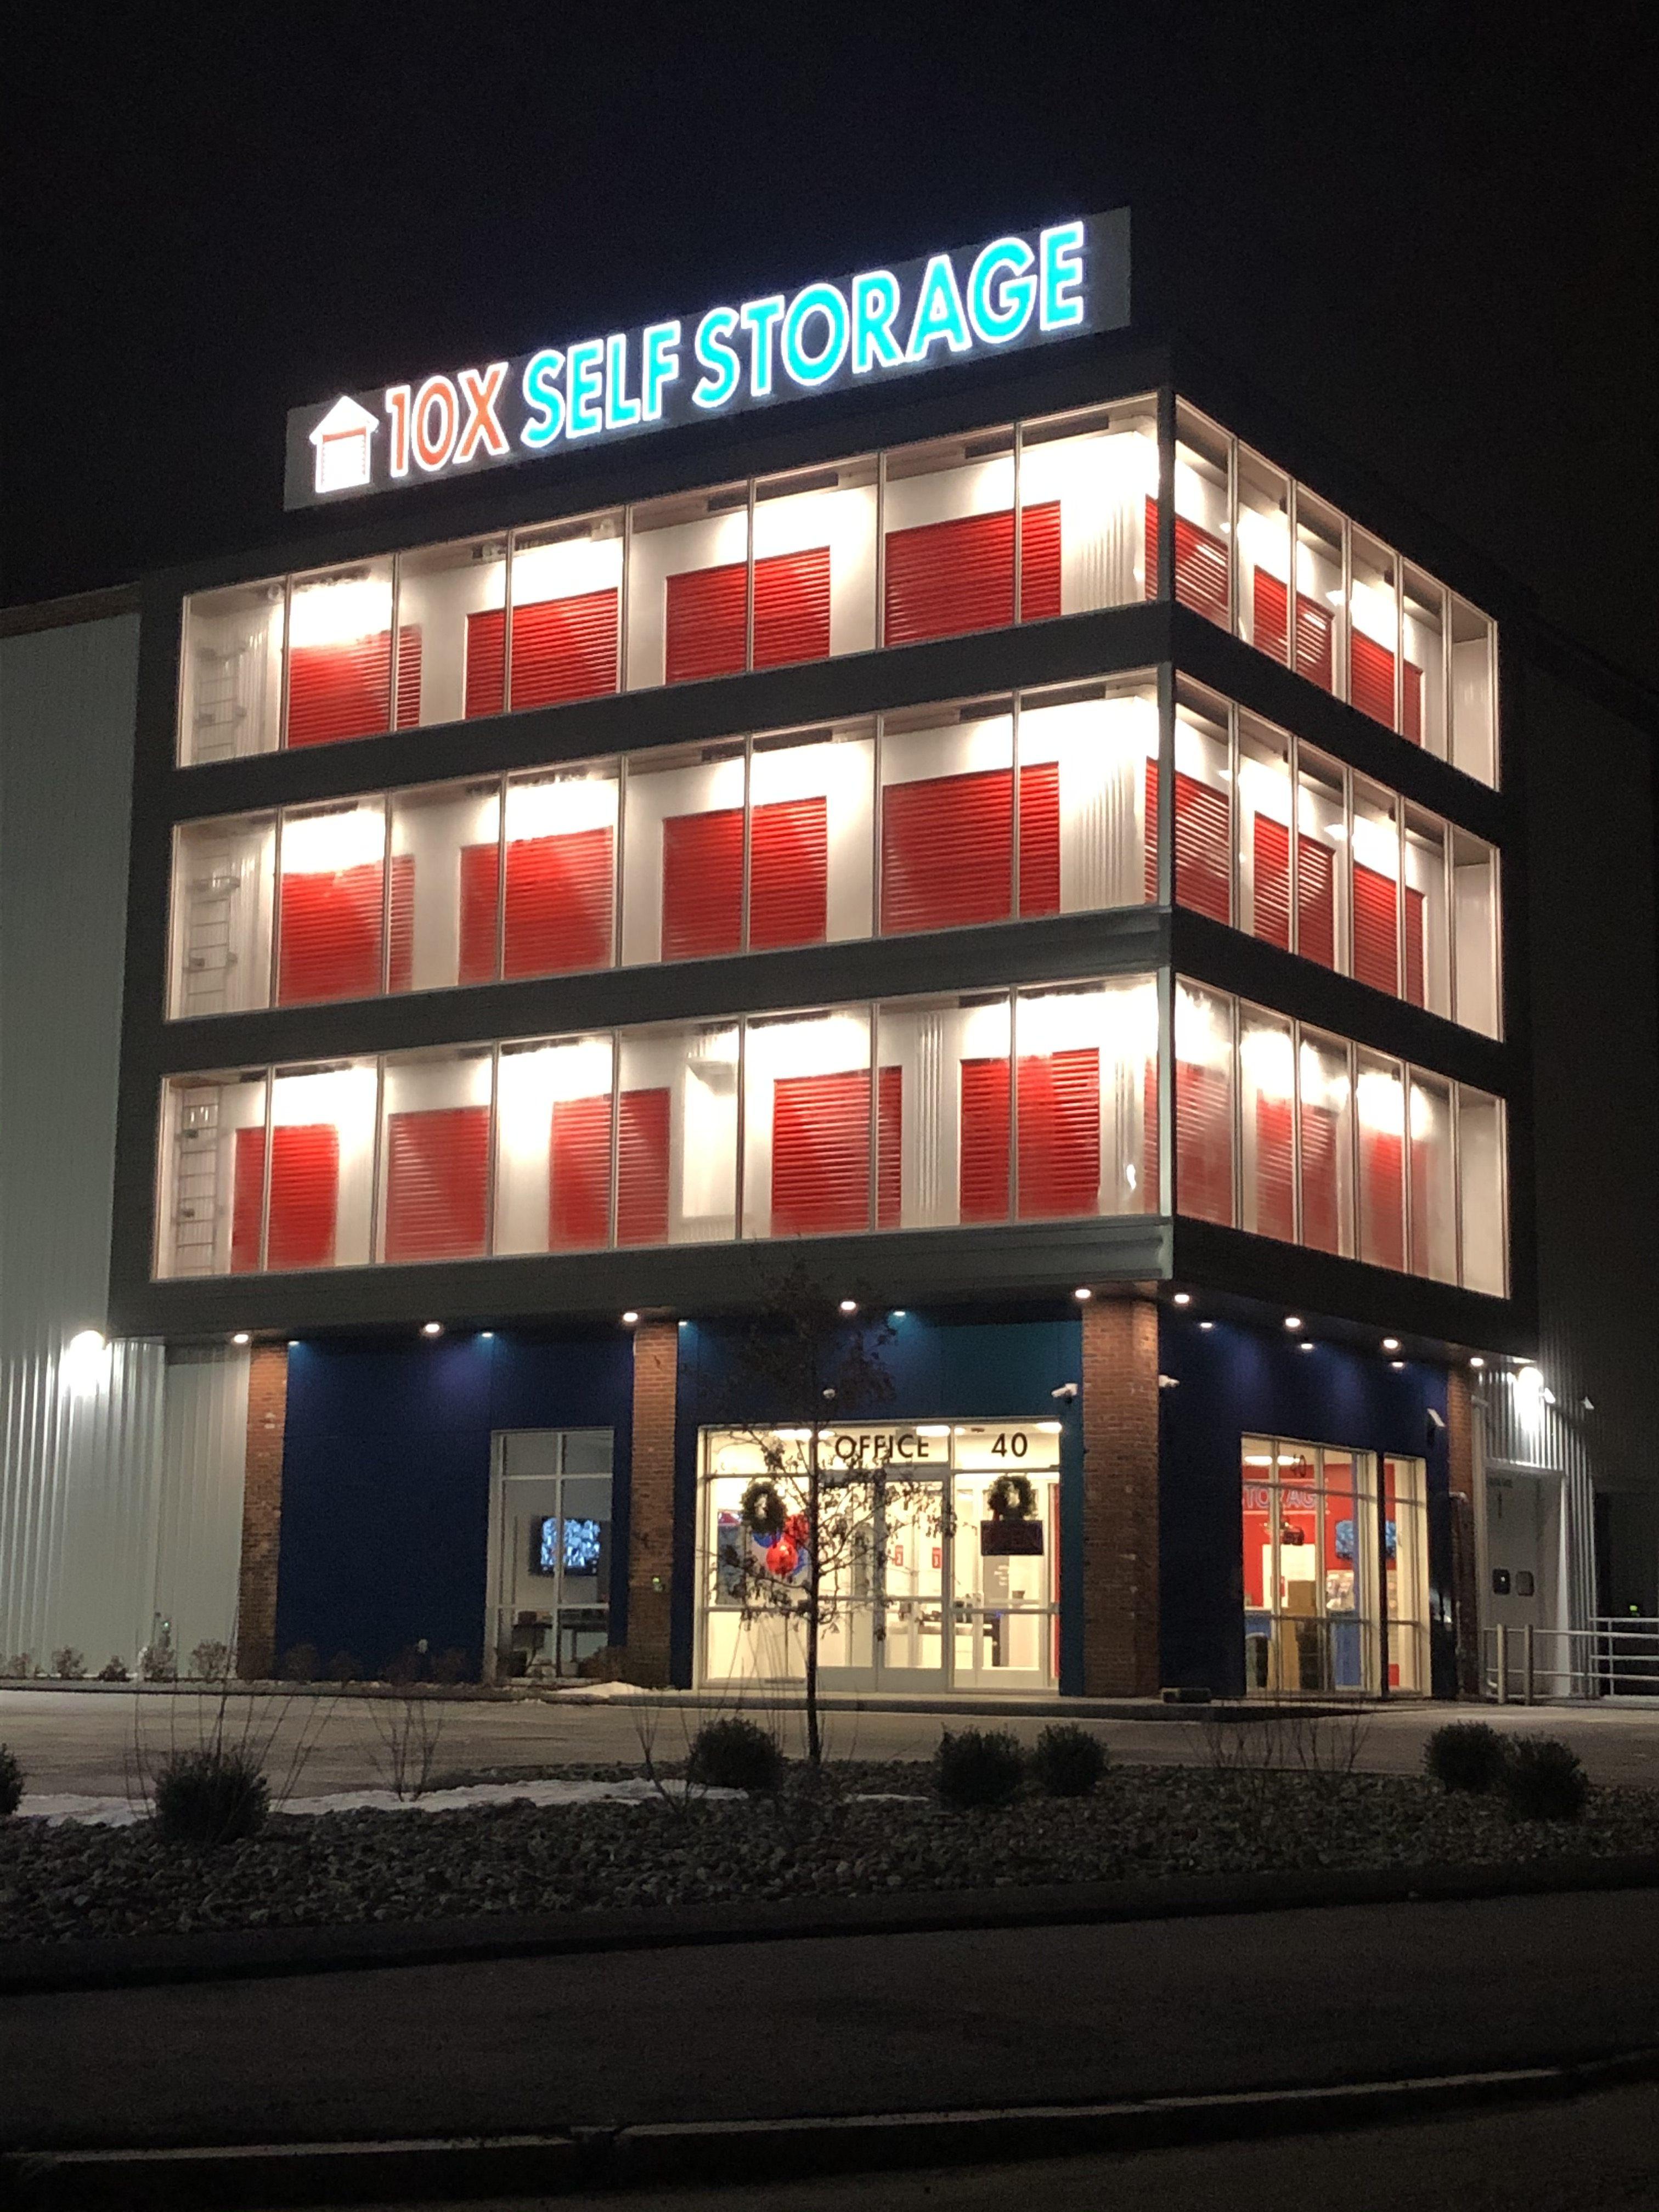 Worcester Self Storage